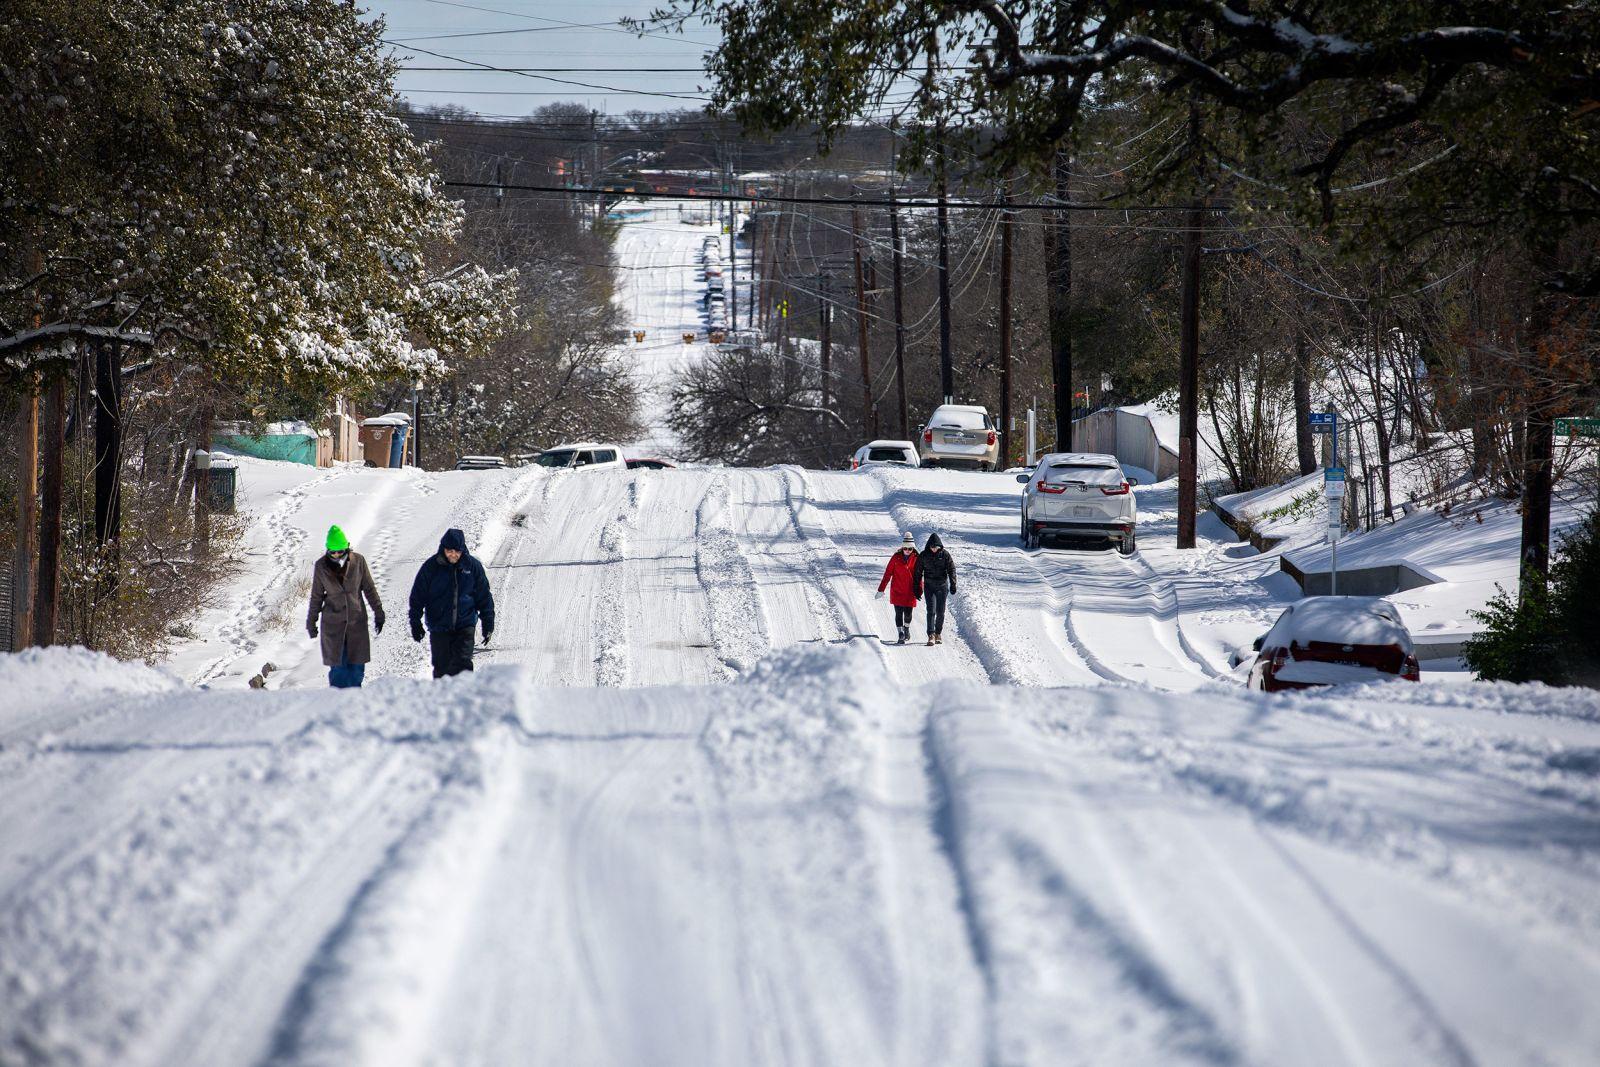 冬季风暴来袭! 美多个城市迎来创纪录低温,得州530万用户断电